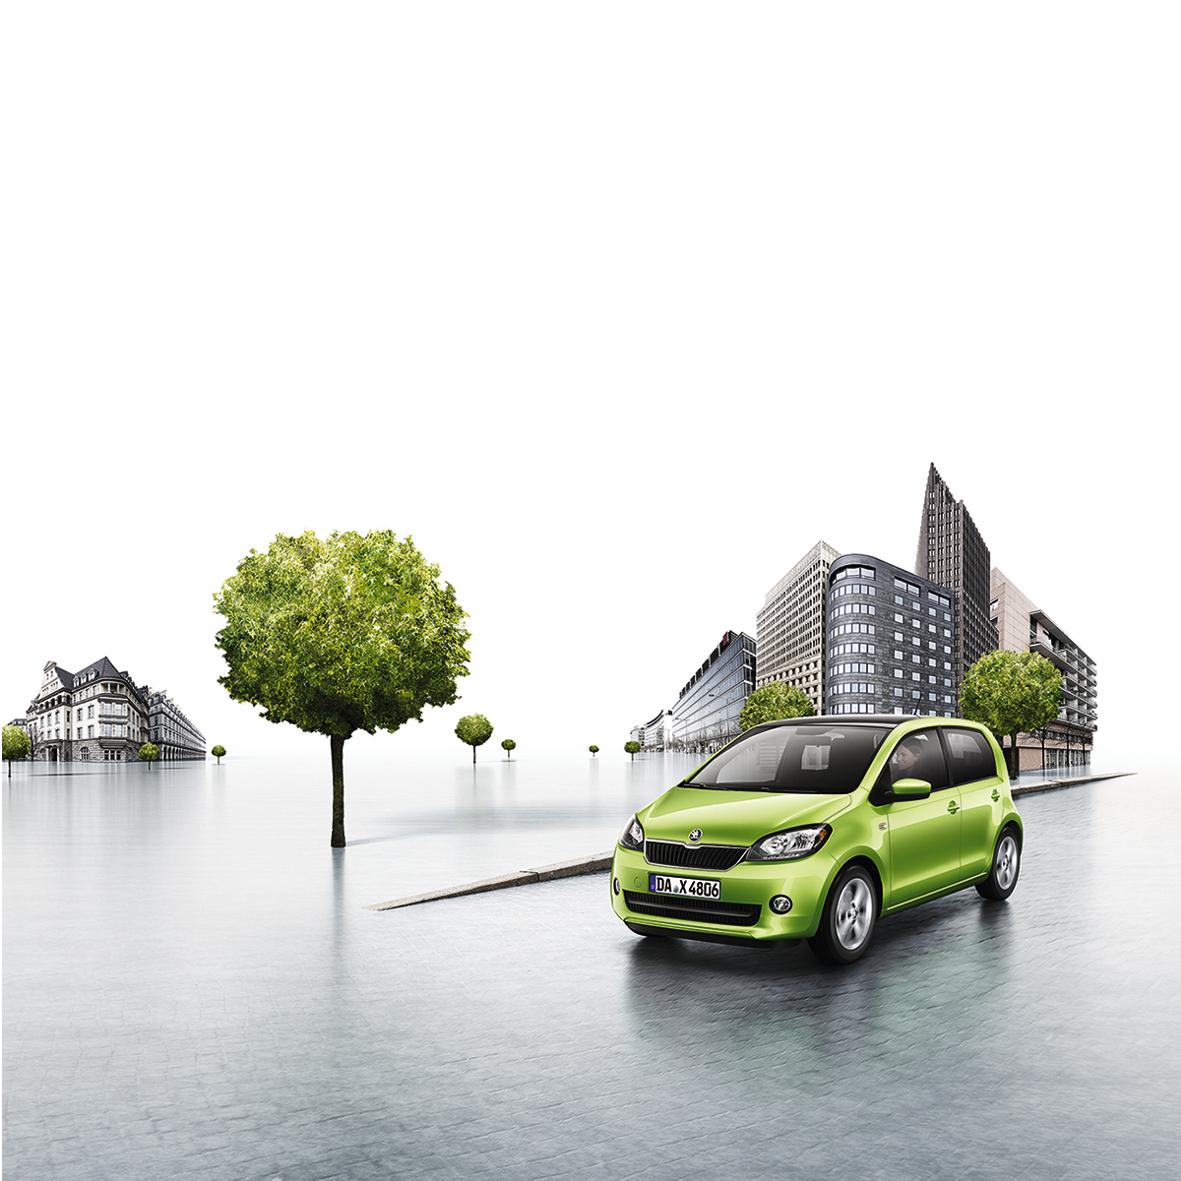 mid Groß-Gerau - Der Skoda Citigo ist ab sofort mit einer Klimaautomatik bestellbar.